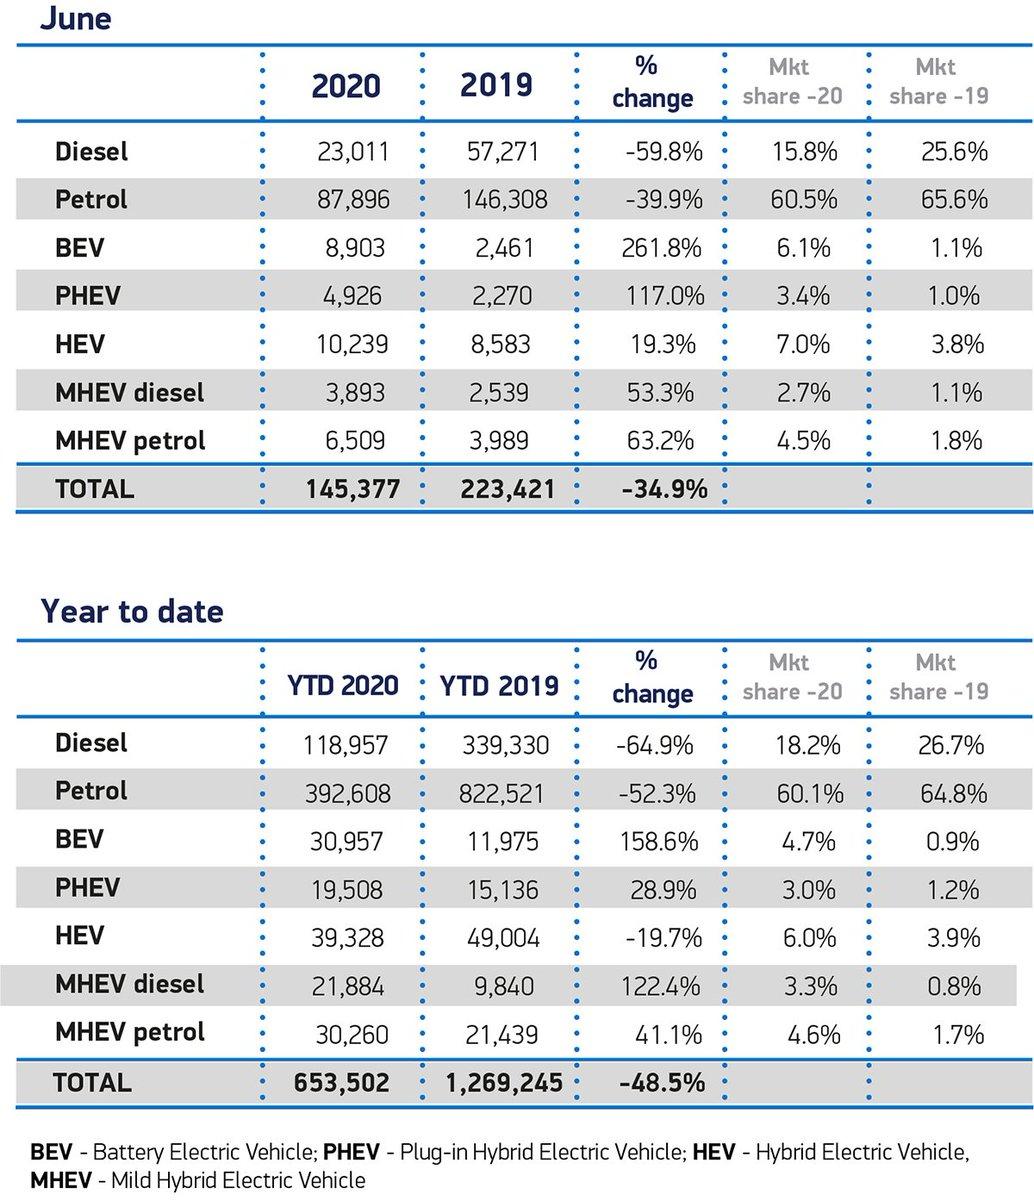 📈UK EV registrations for June 2020📈  June 2020: BEVs = 8,903 (+262%) PHEVs = 4,926 (+117%)  Total 2020: BEVs = 30,957 (+159%) PHEVs = 13,757 (+29%)  Tesla Model 3 is named 9th on Best Seller list.  Incredible since market is -35%. https://t.co/xUqSPDjUR6